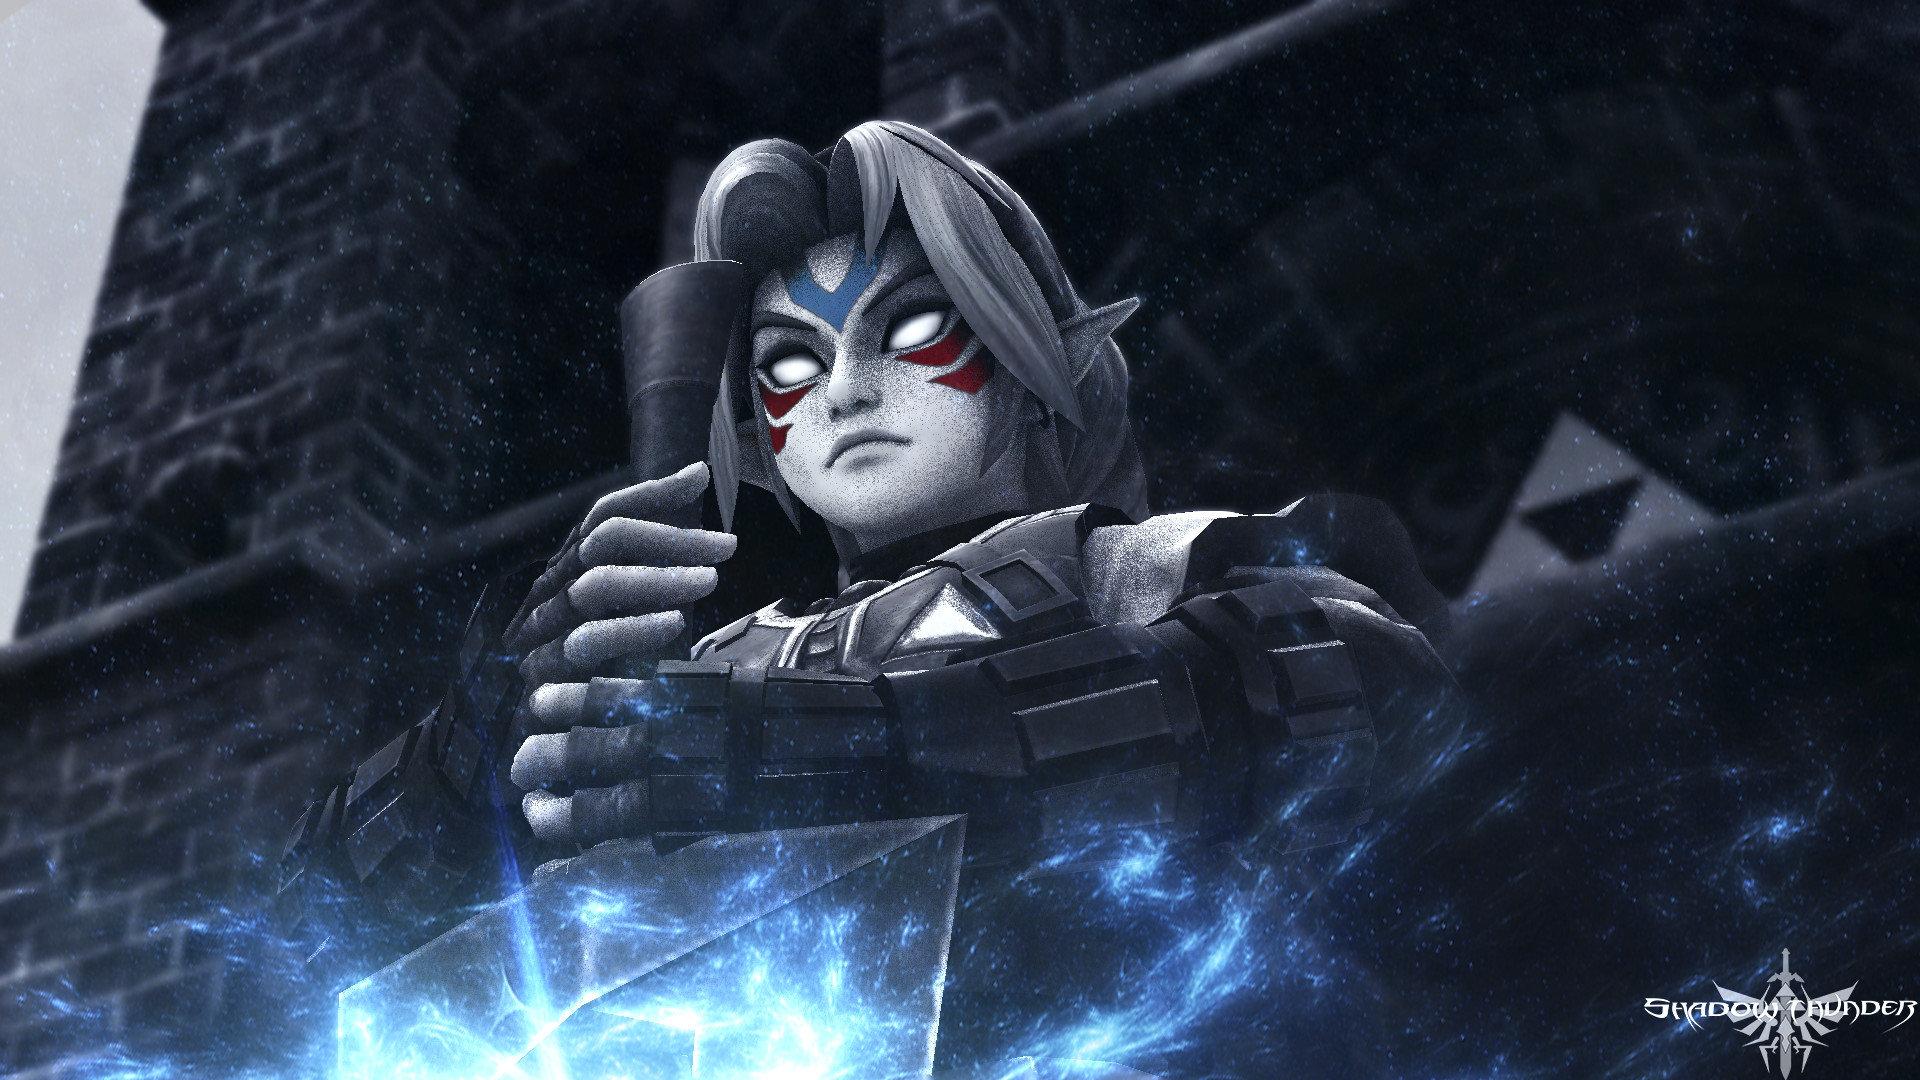 High Resolution The Legend Of Zelda Majora S Mask Full Hd 1920x1080 Background Id 145454 For Desktop